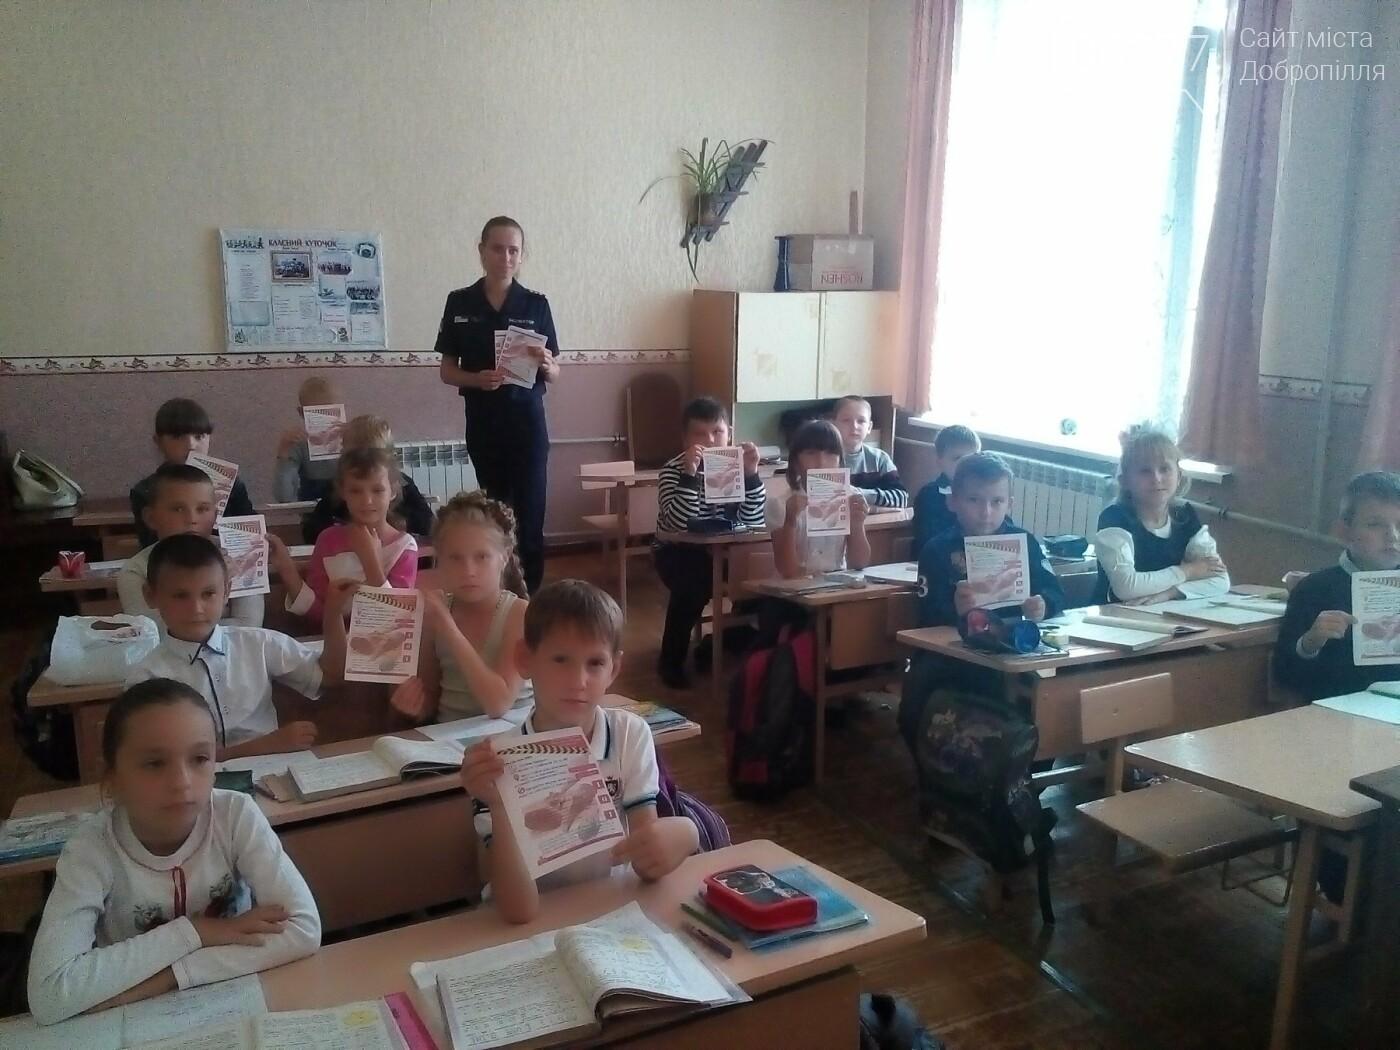 Рятувальники міста Добропілля вчили школярів, як діяти при виявленні вибухонебезпечного предмету, фото-3